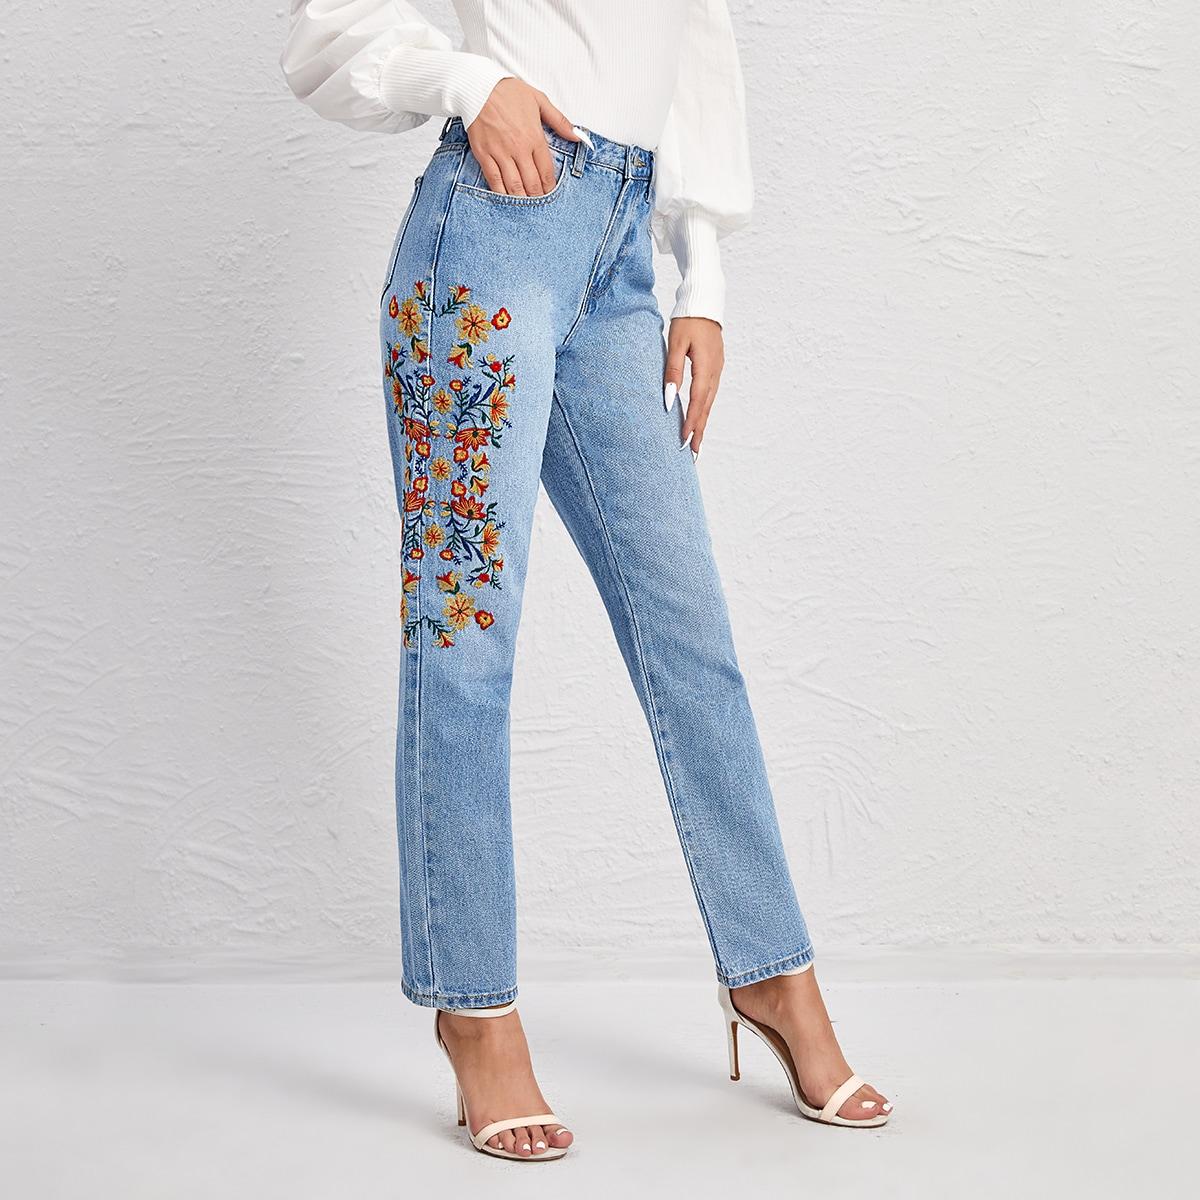 Прямые джинсы с карманом и цветочной вышивкой